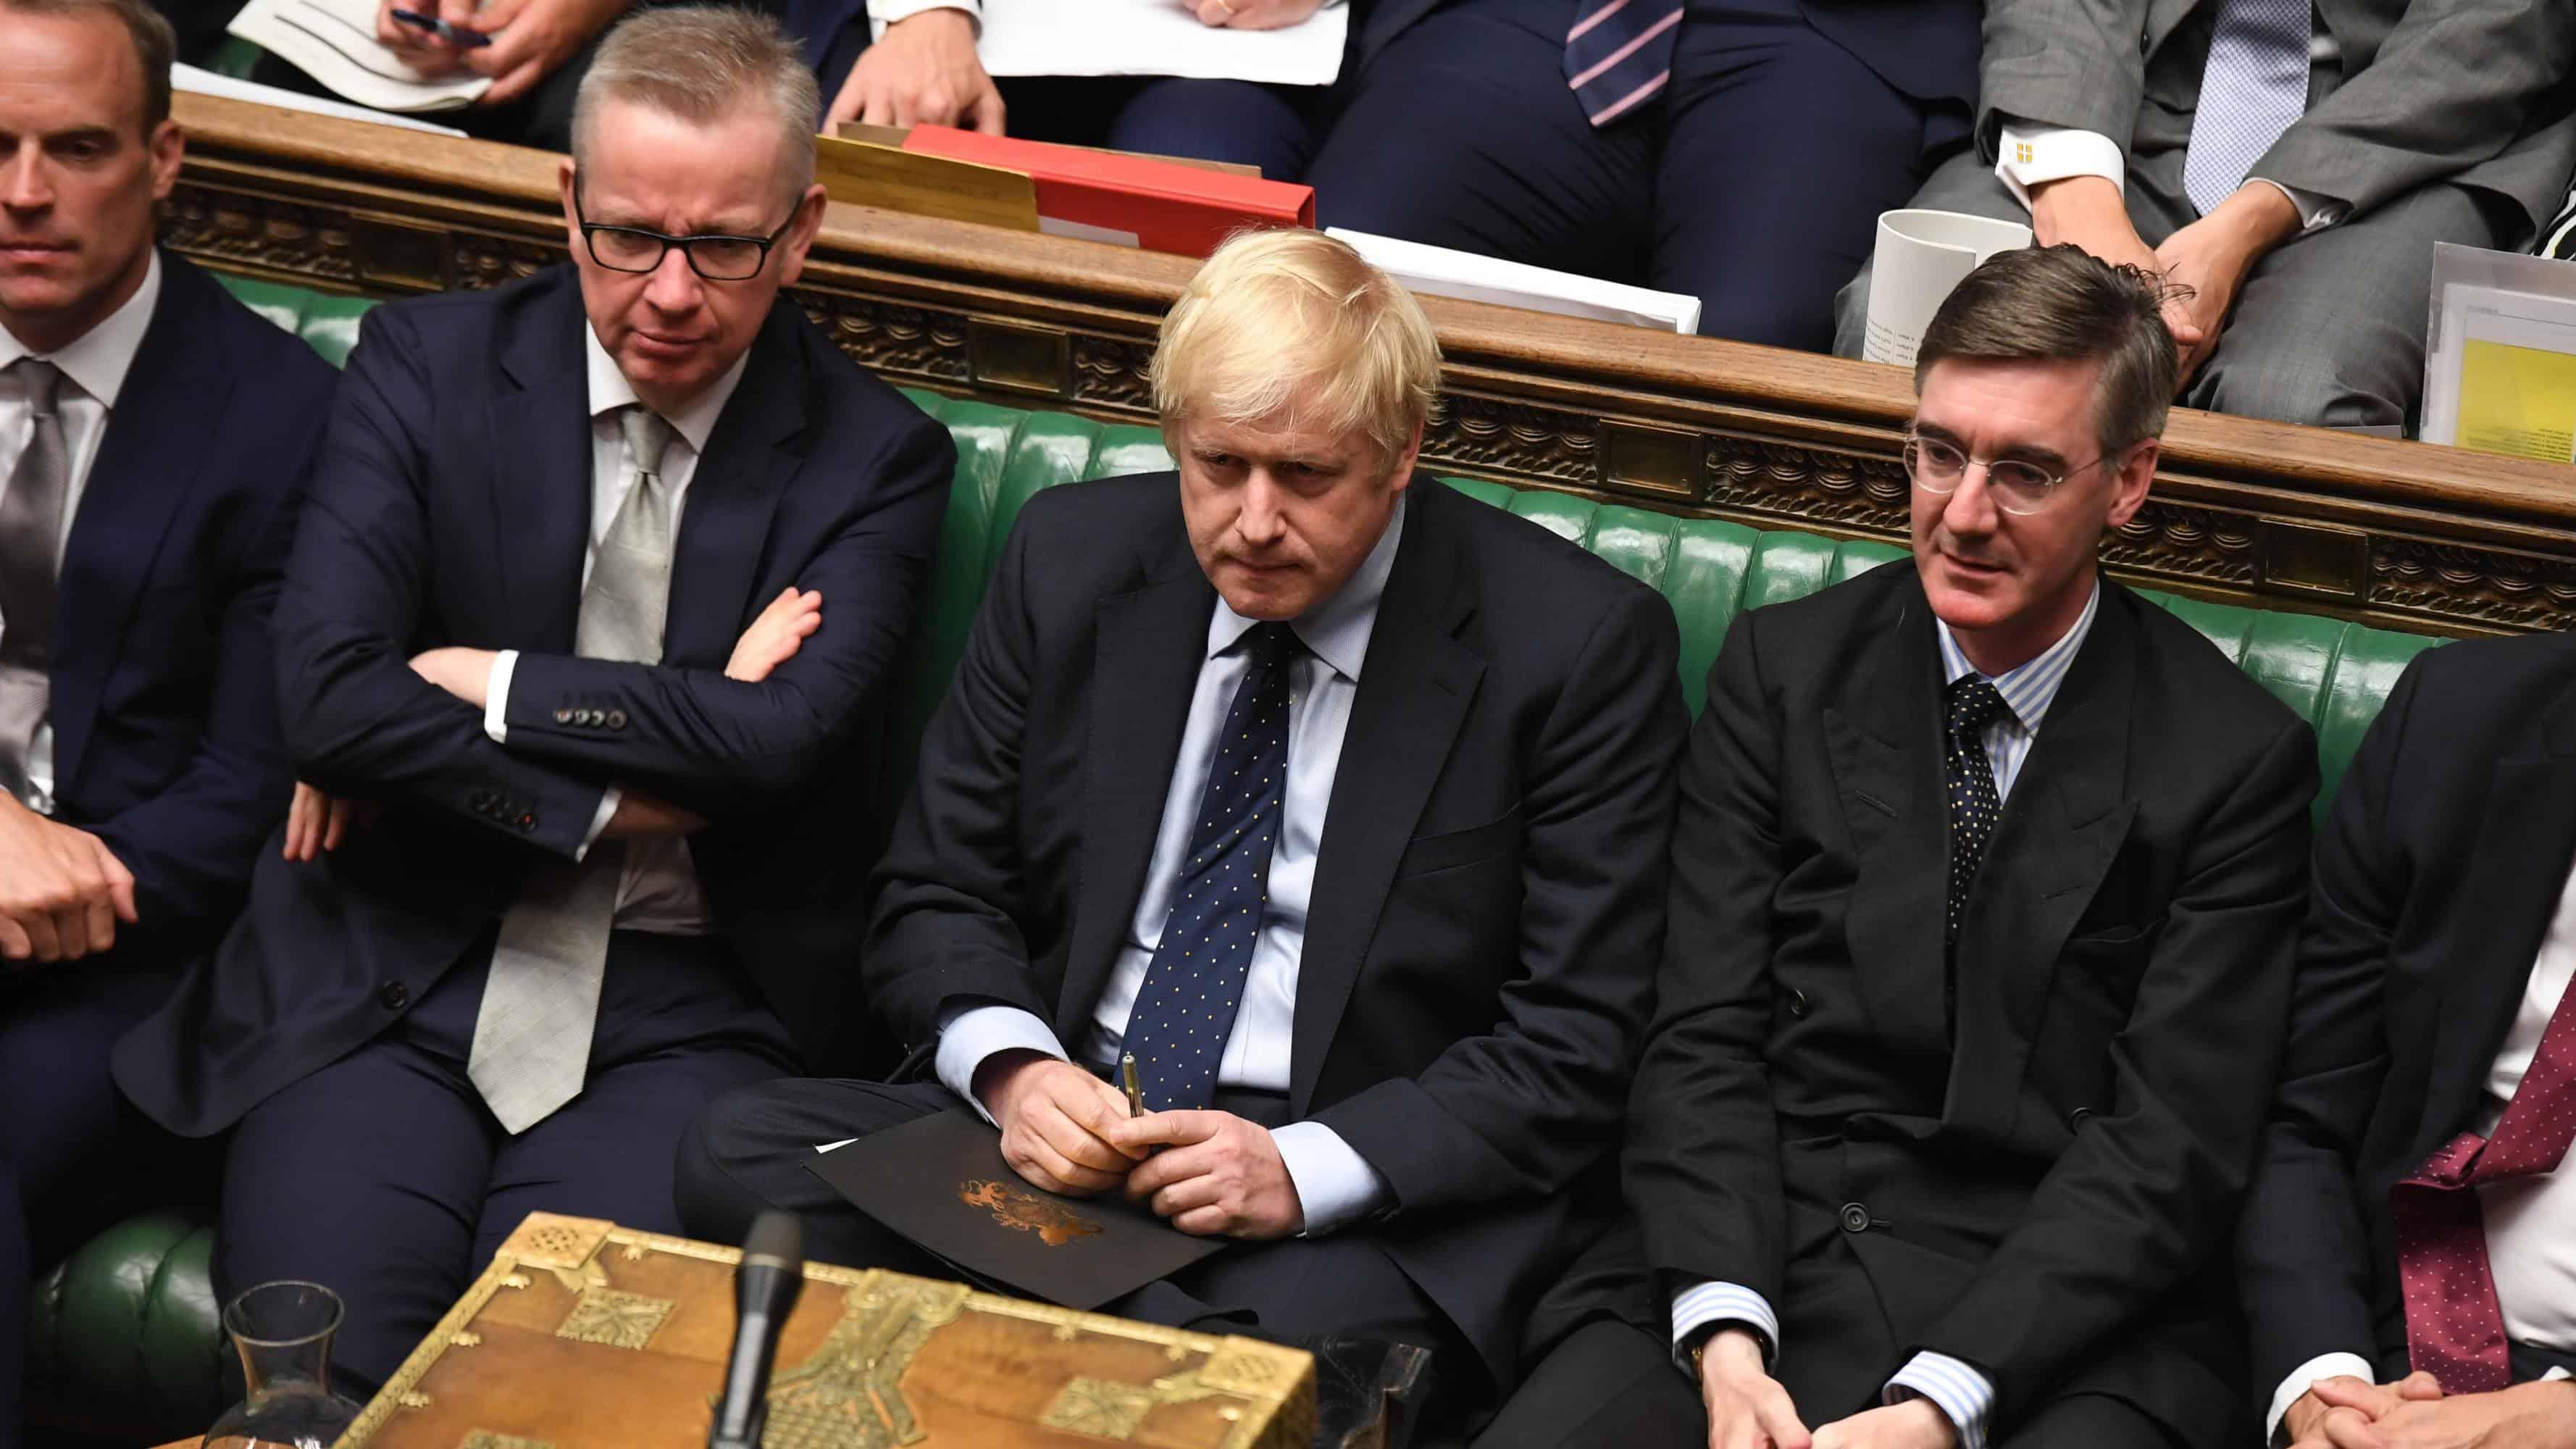 Gove, Johnson, Raab and Rees-Mogg